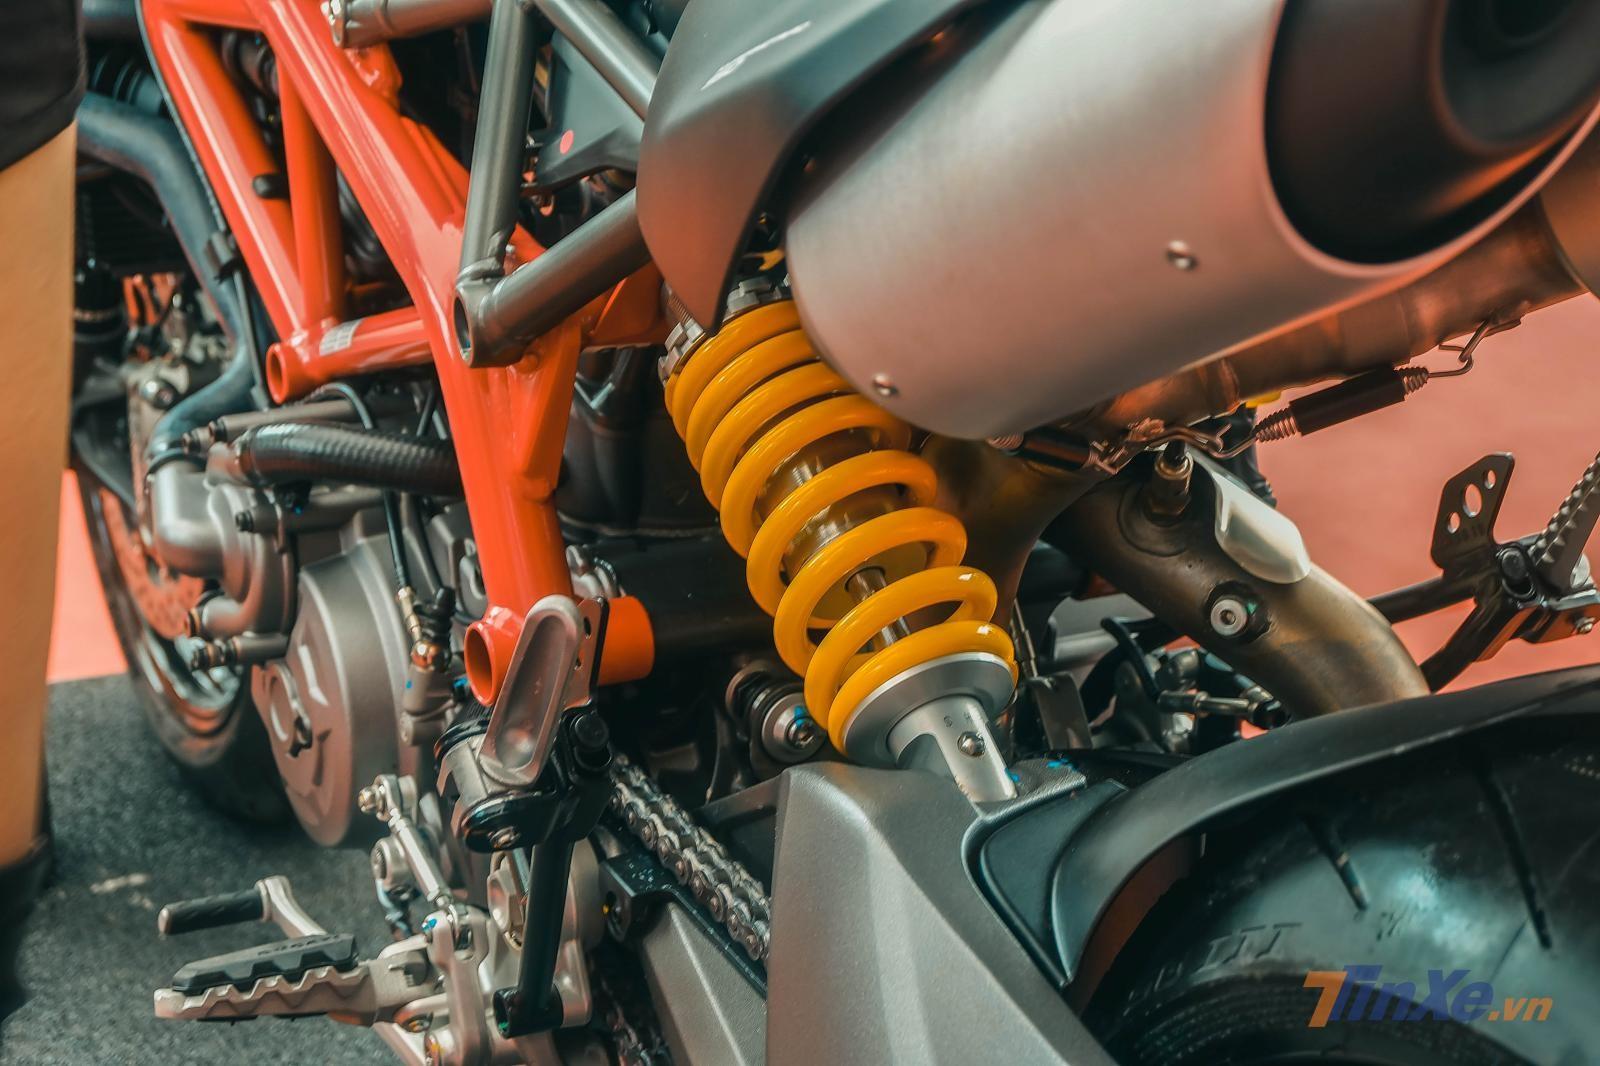 Cặp phuộc trước sau hàng hiệu trên Ducati Hyper Motard 950 2019